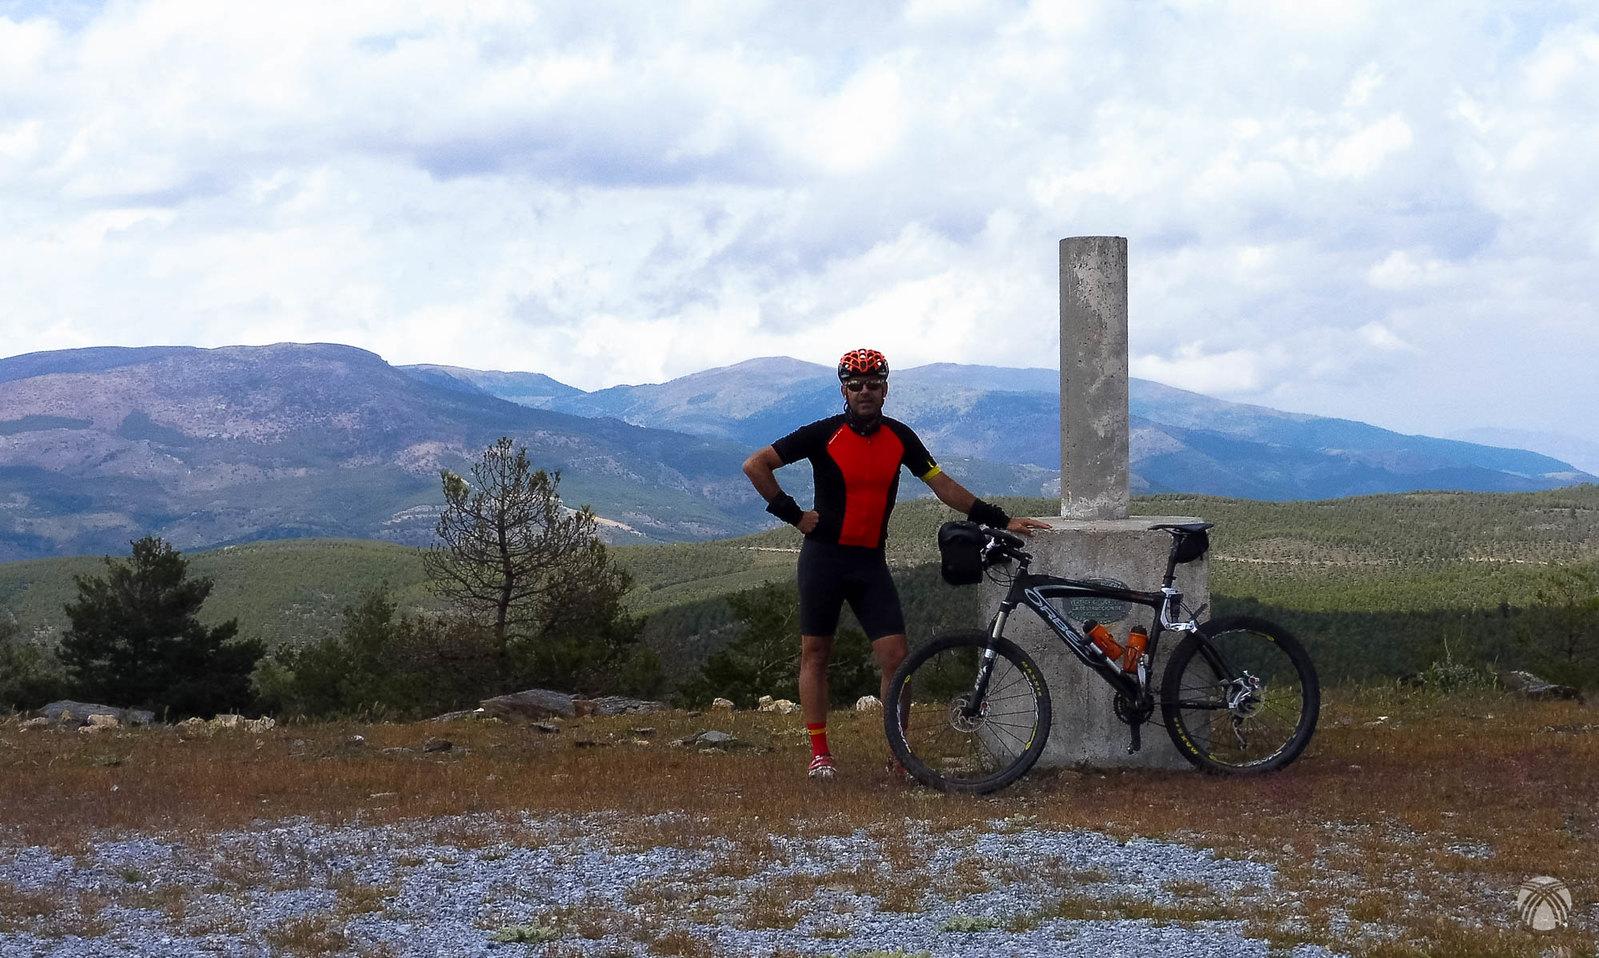 Auto foto en el Pico Padilla. Detrás se aprecian las máximas alturas de Baza como el Santa Bárbara